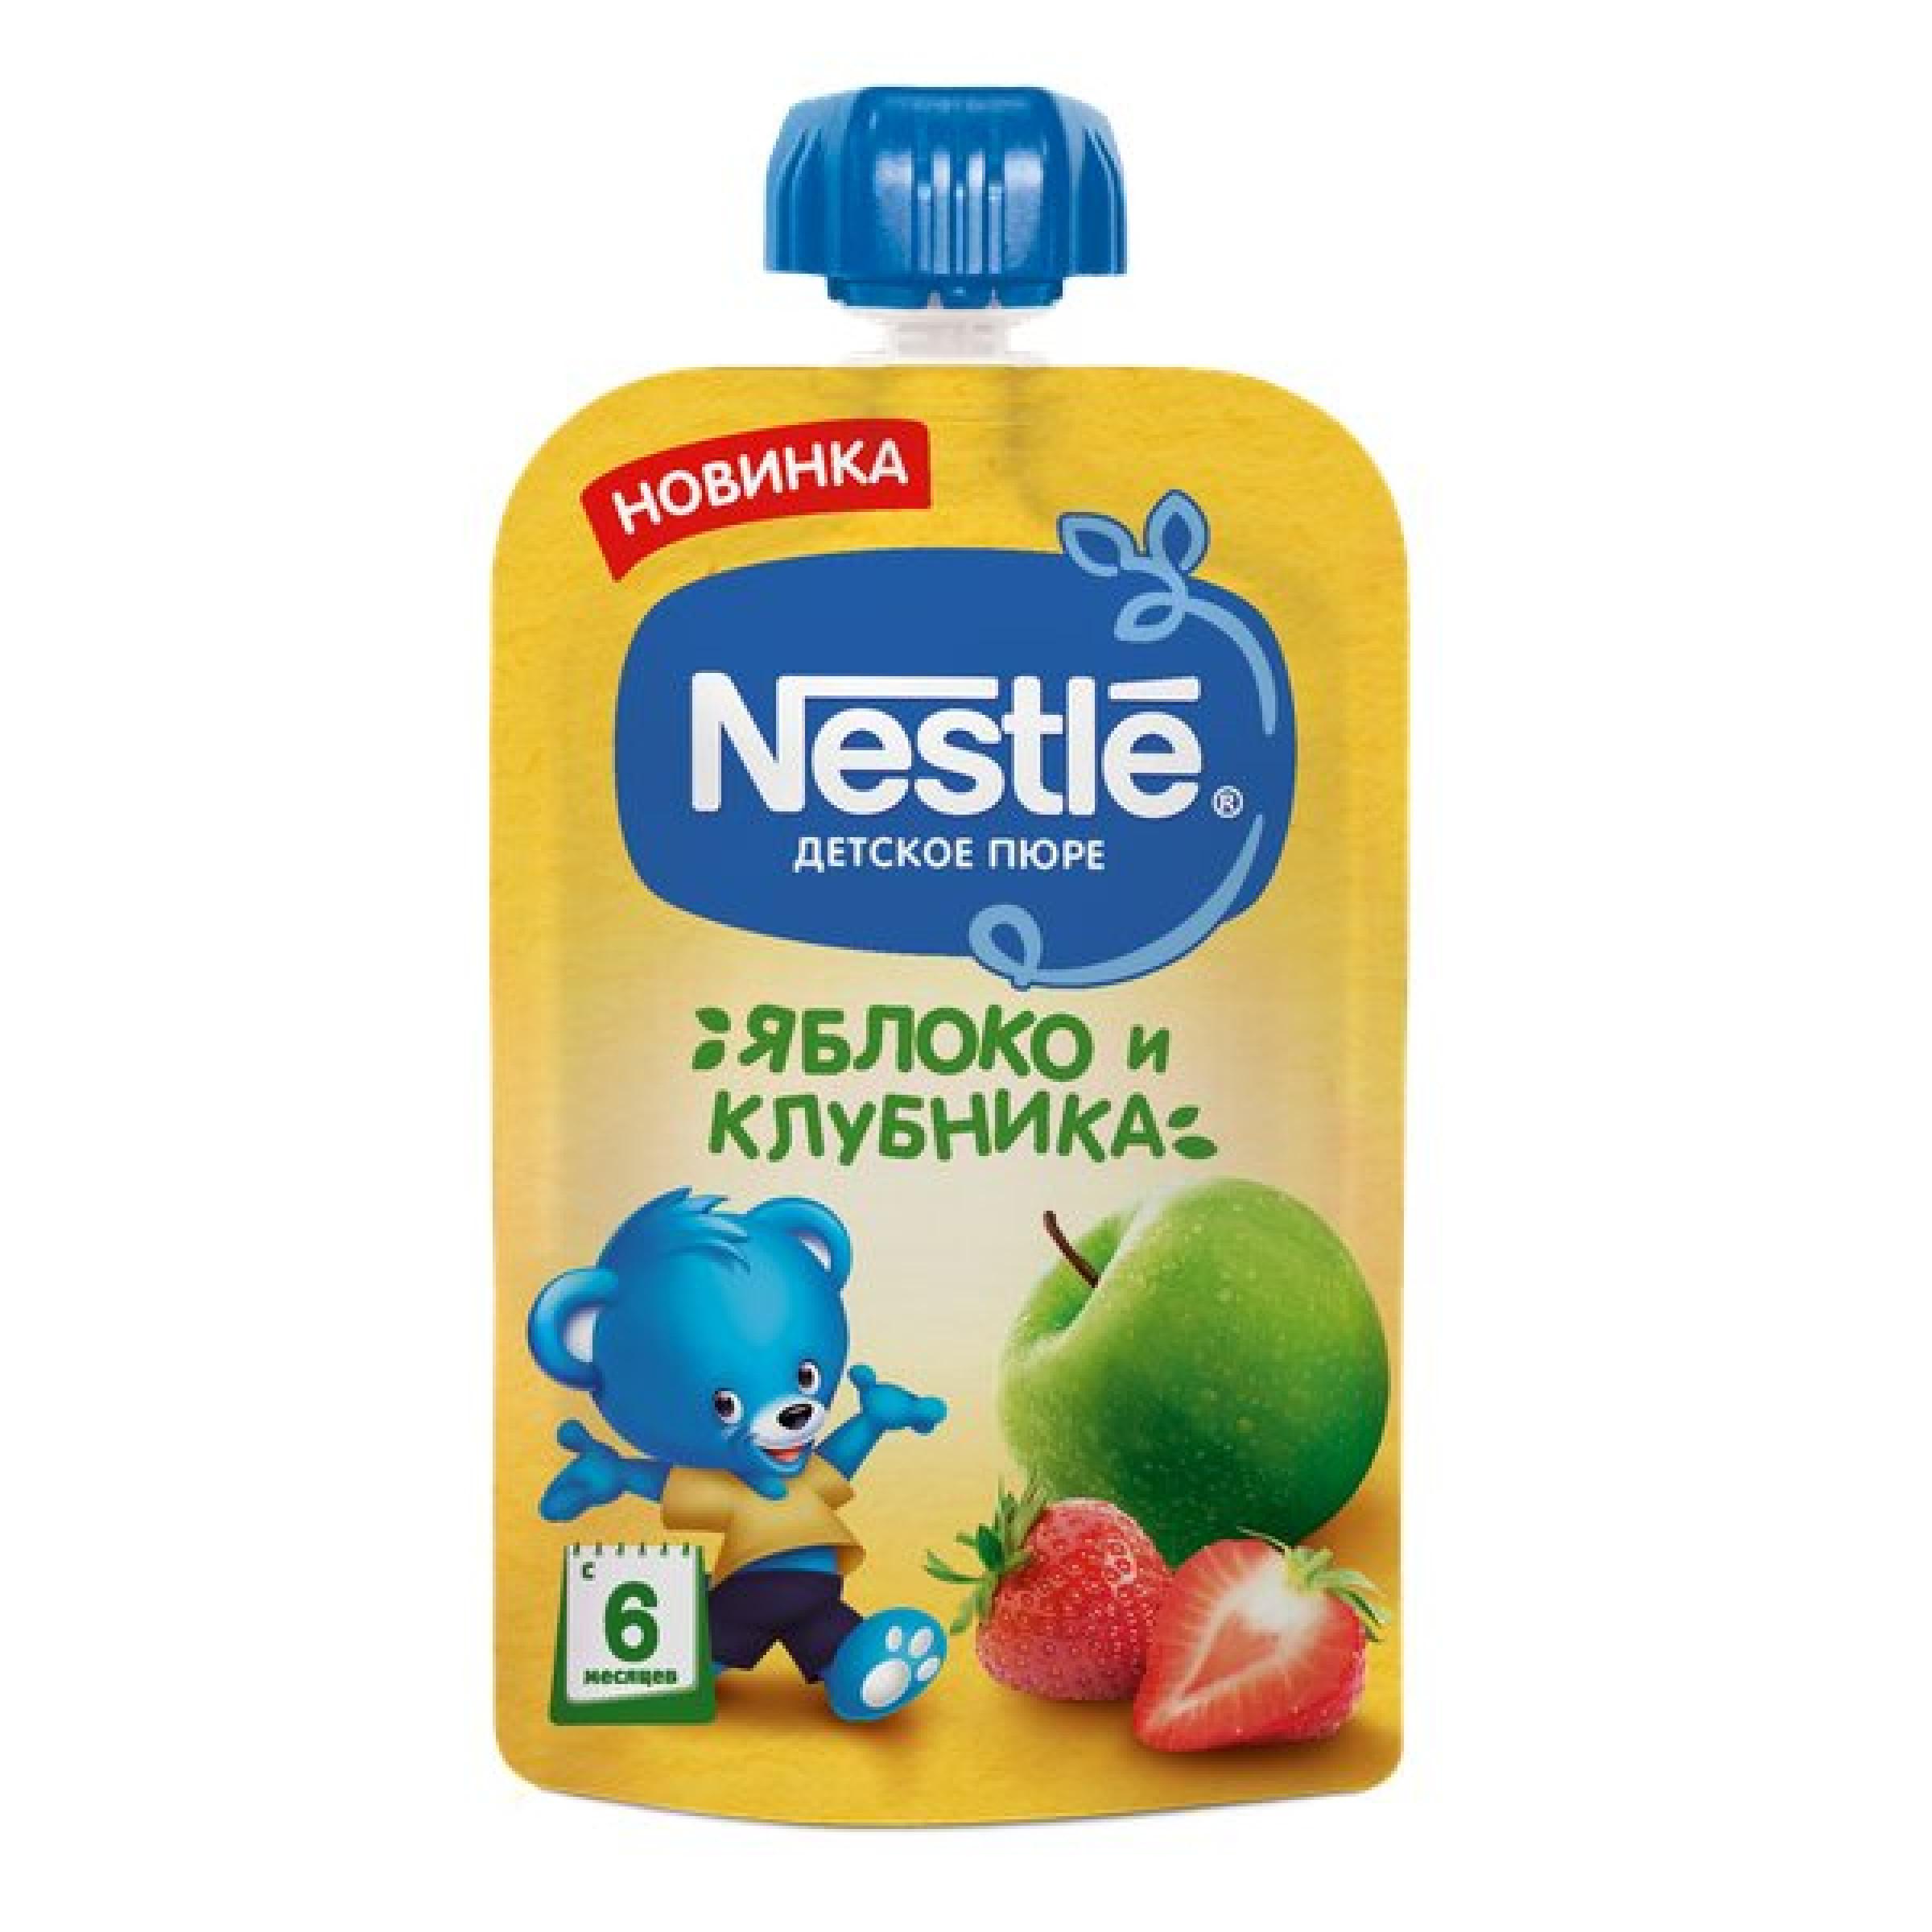 Пюре детское яблоко и клубника Nestle, 90 гр